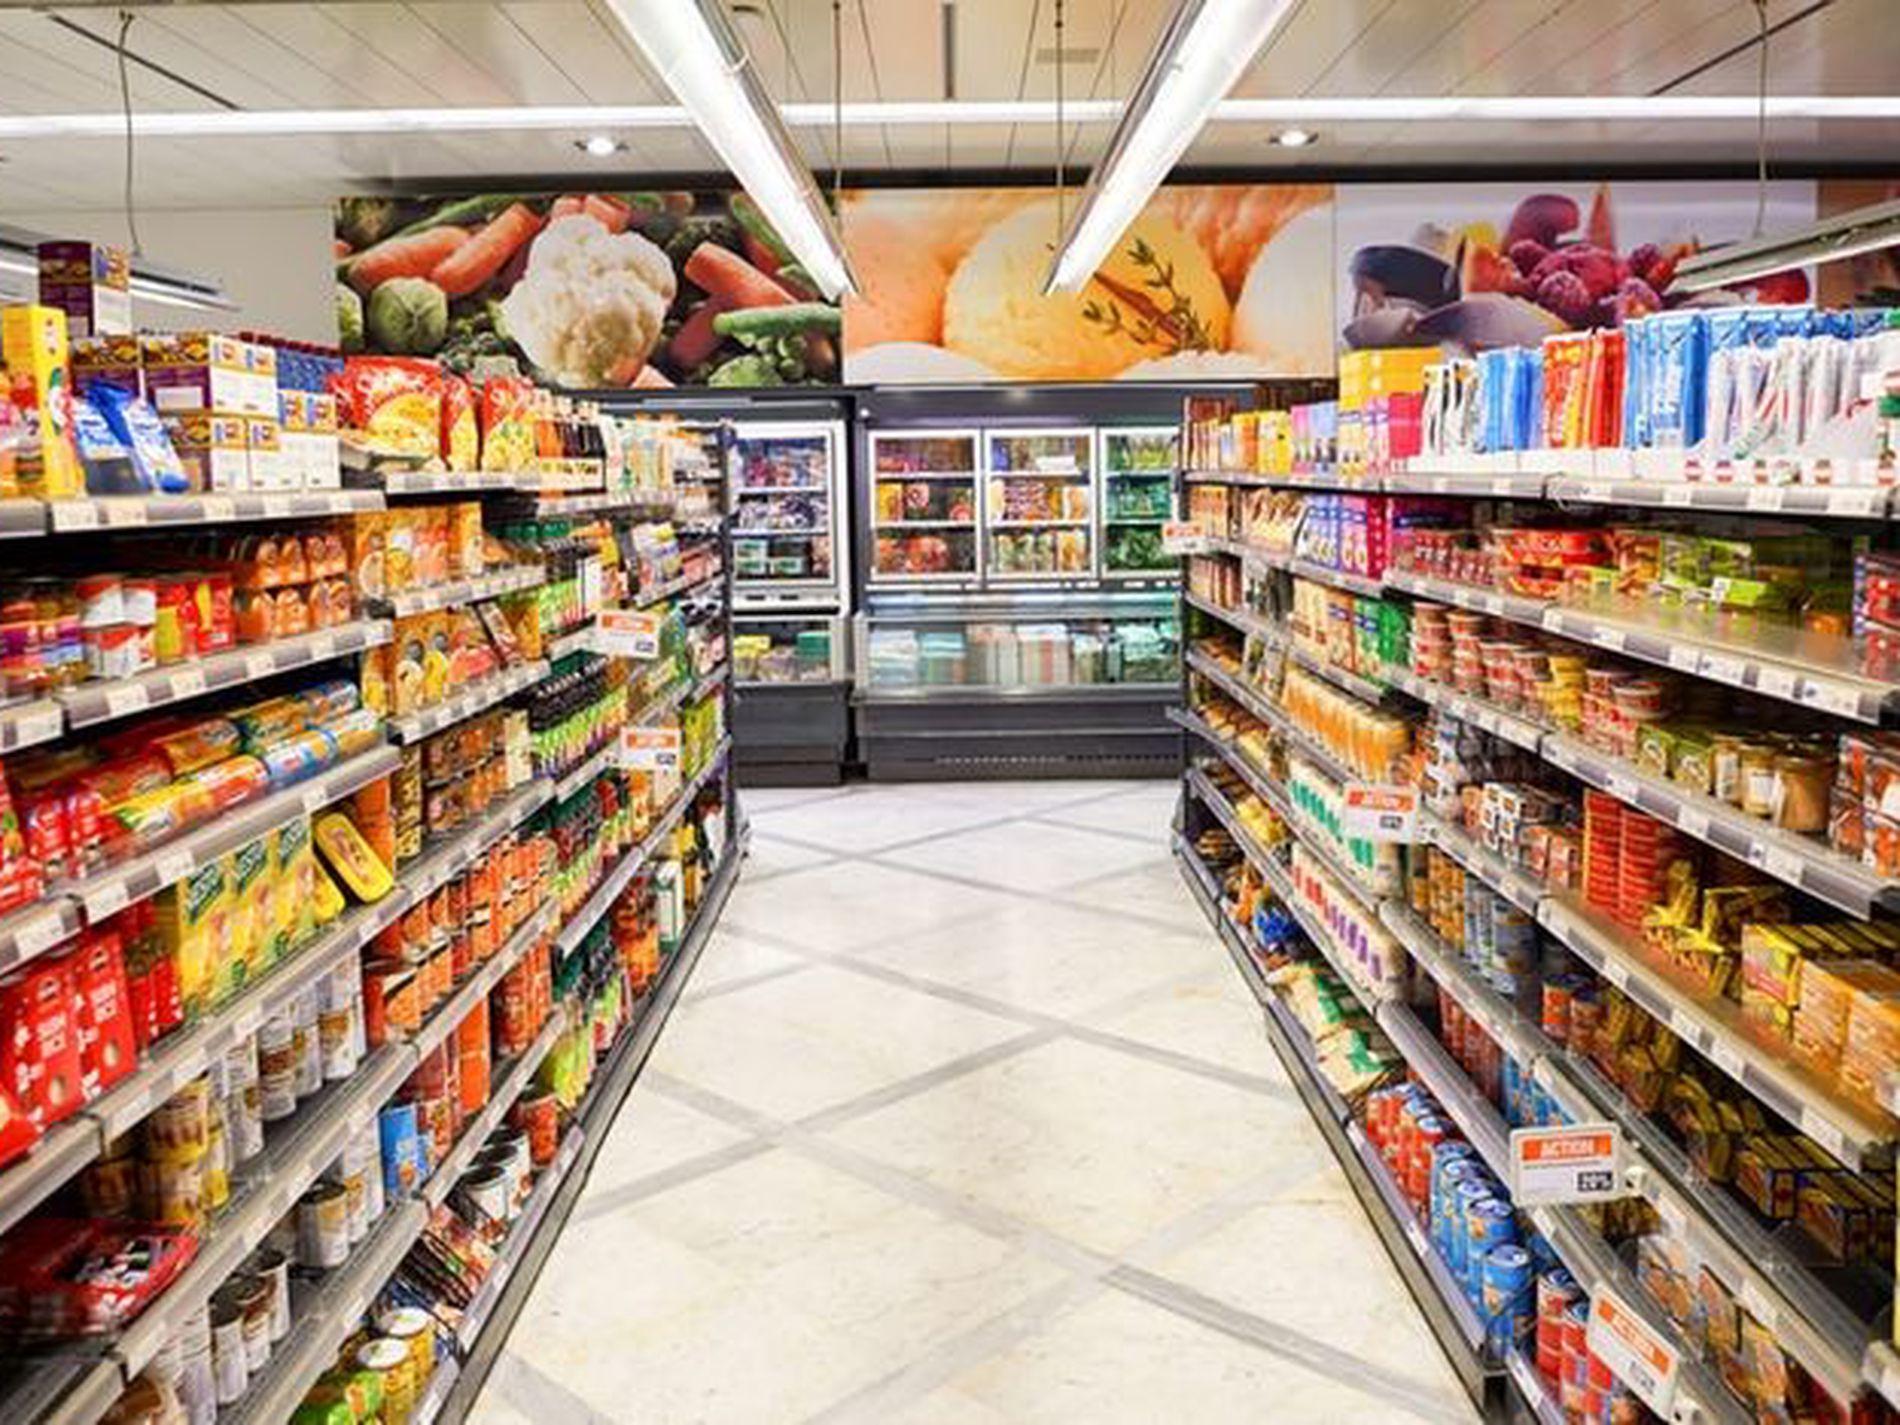 XKR2020089 Inner West - Asian grocery - Supermarket - High turn & good margin